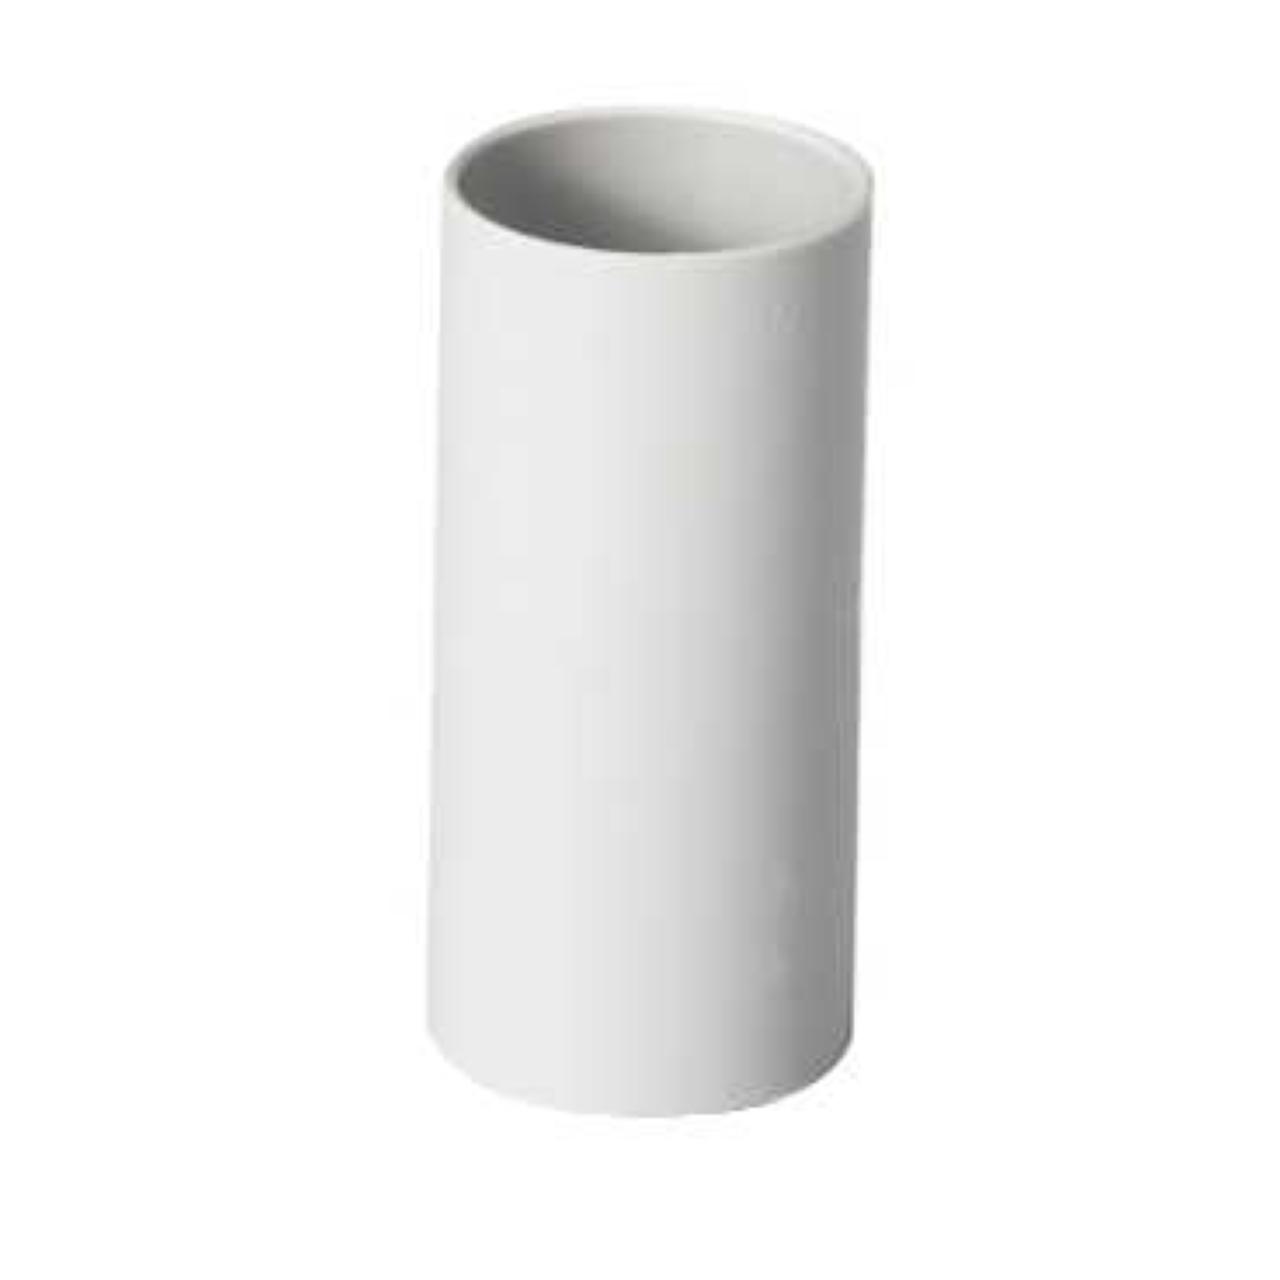 manchon pour tube irl 3321 diam tre 25 mm gris schneid. Black Bedroom Furniture Sets. Home Design Ideas